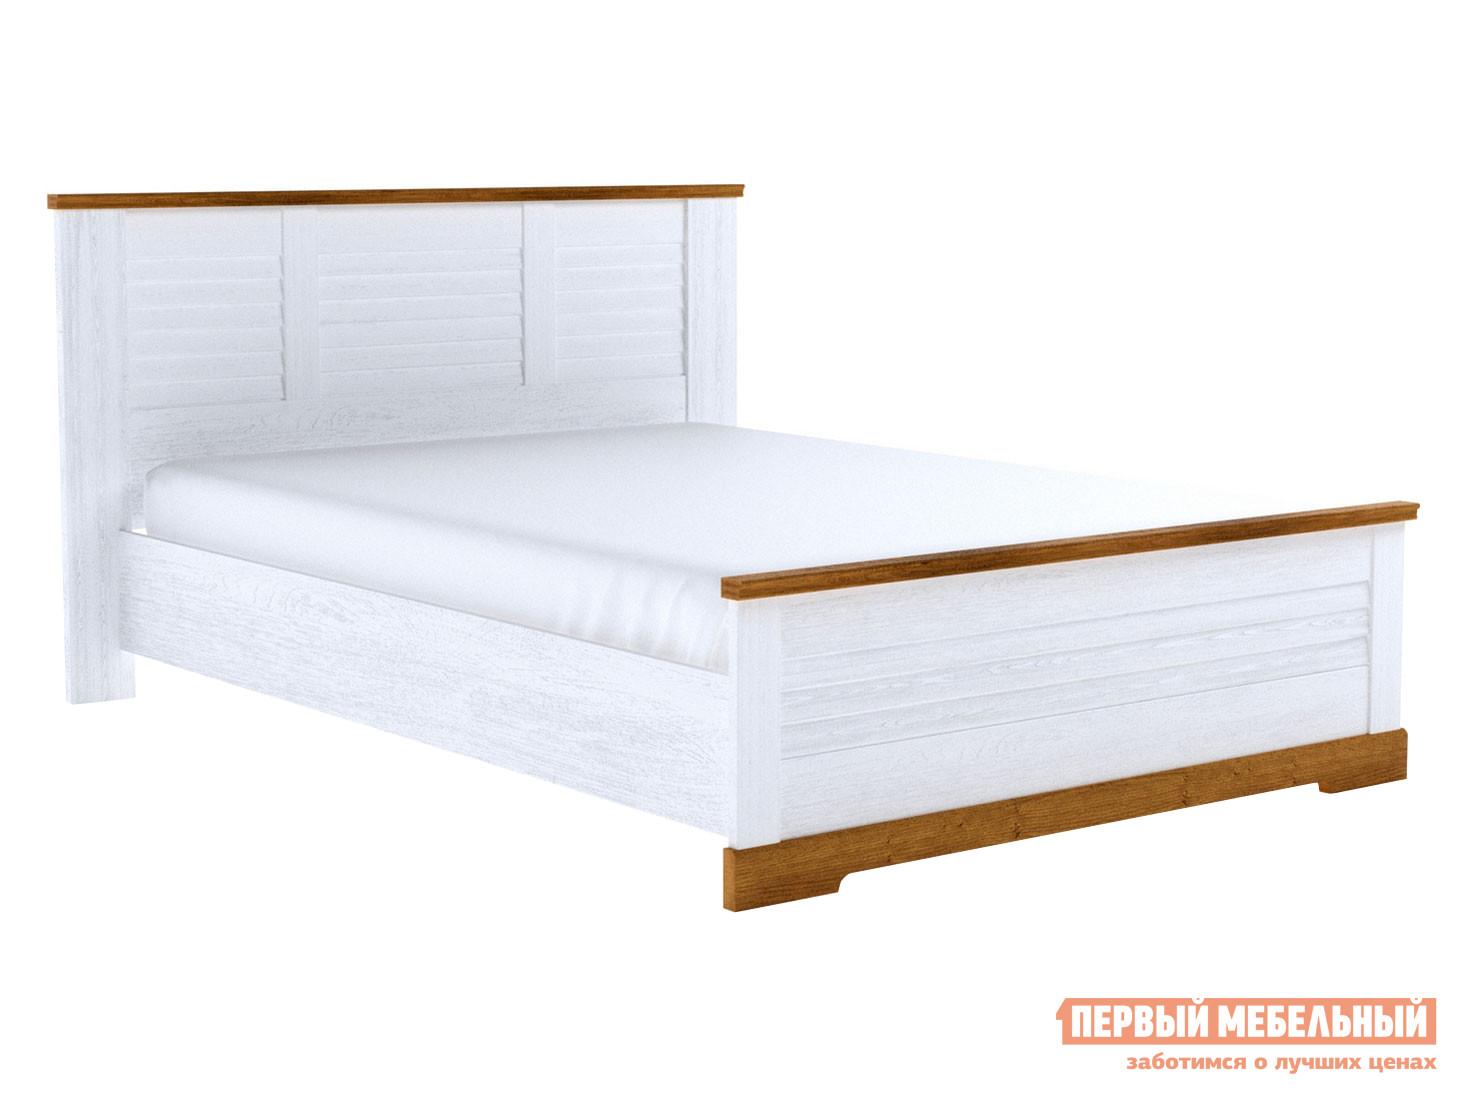 Двуспальная кровать Первый Мебельный Кантри Кровать двуспальная кровать первый мебельный кровать оливия 160х200